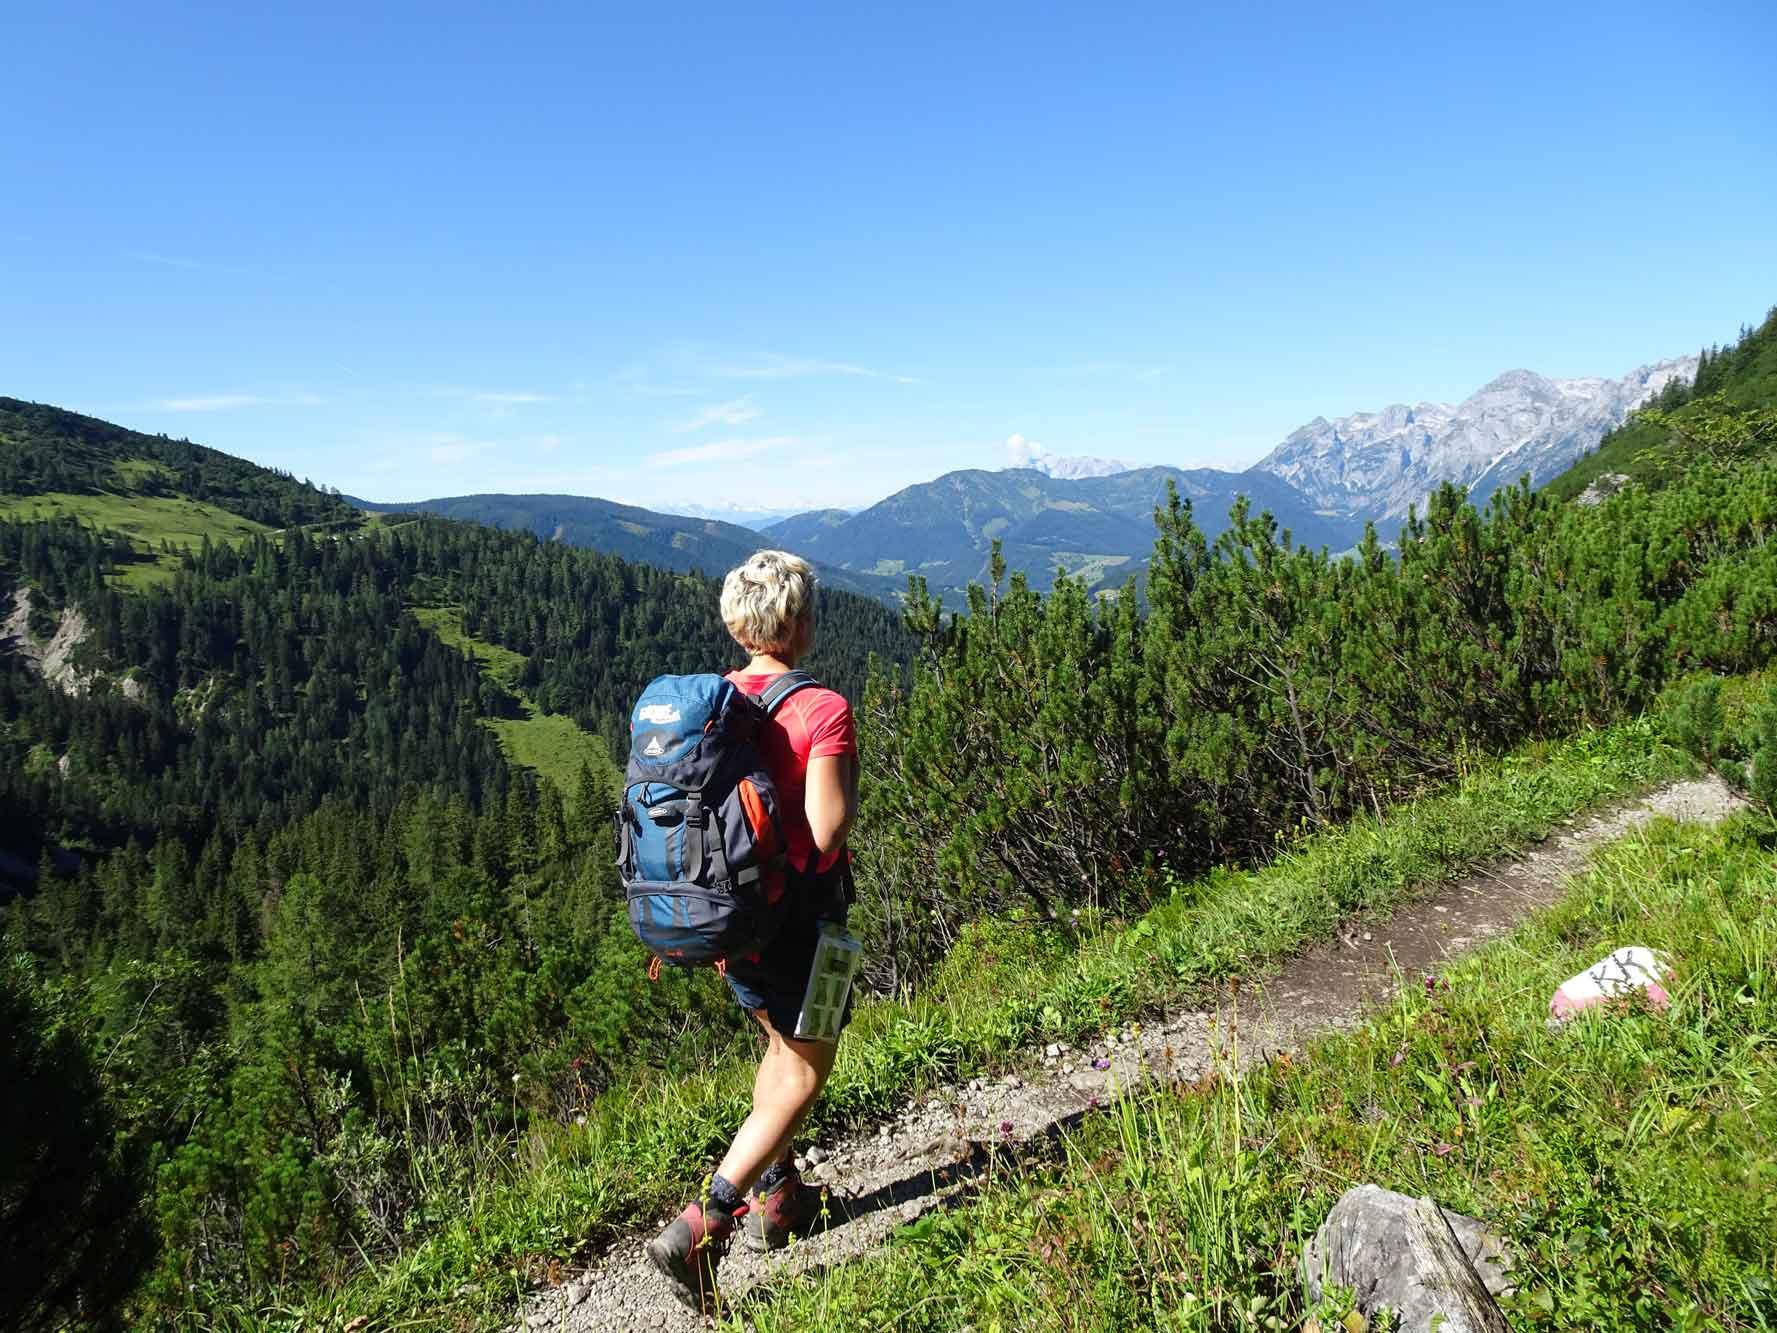 DachsteinHöhenRundweg-Gosaukamm-Tennengebirgsblick-Wanderer-1